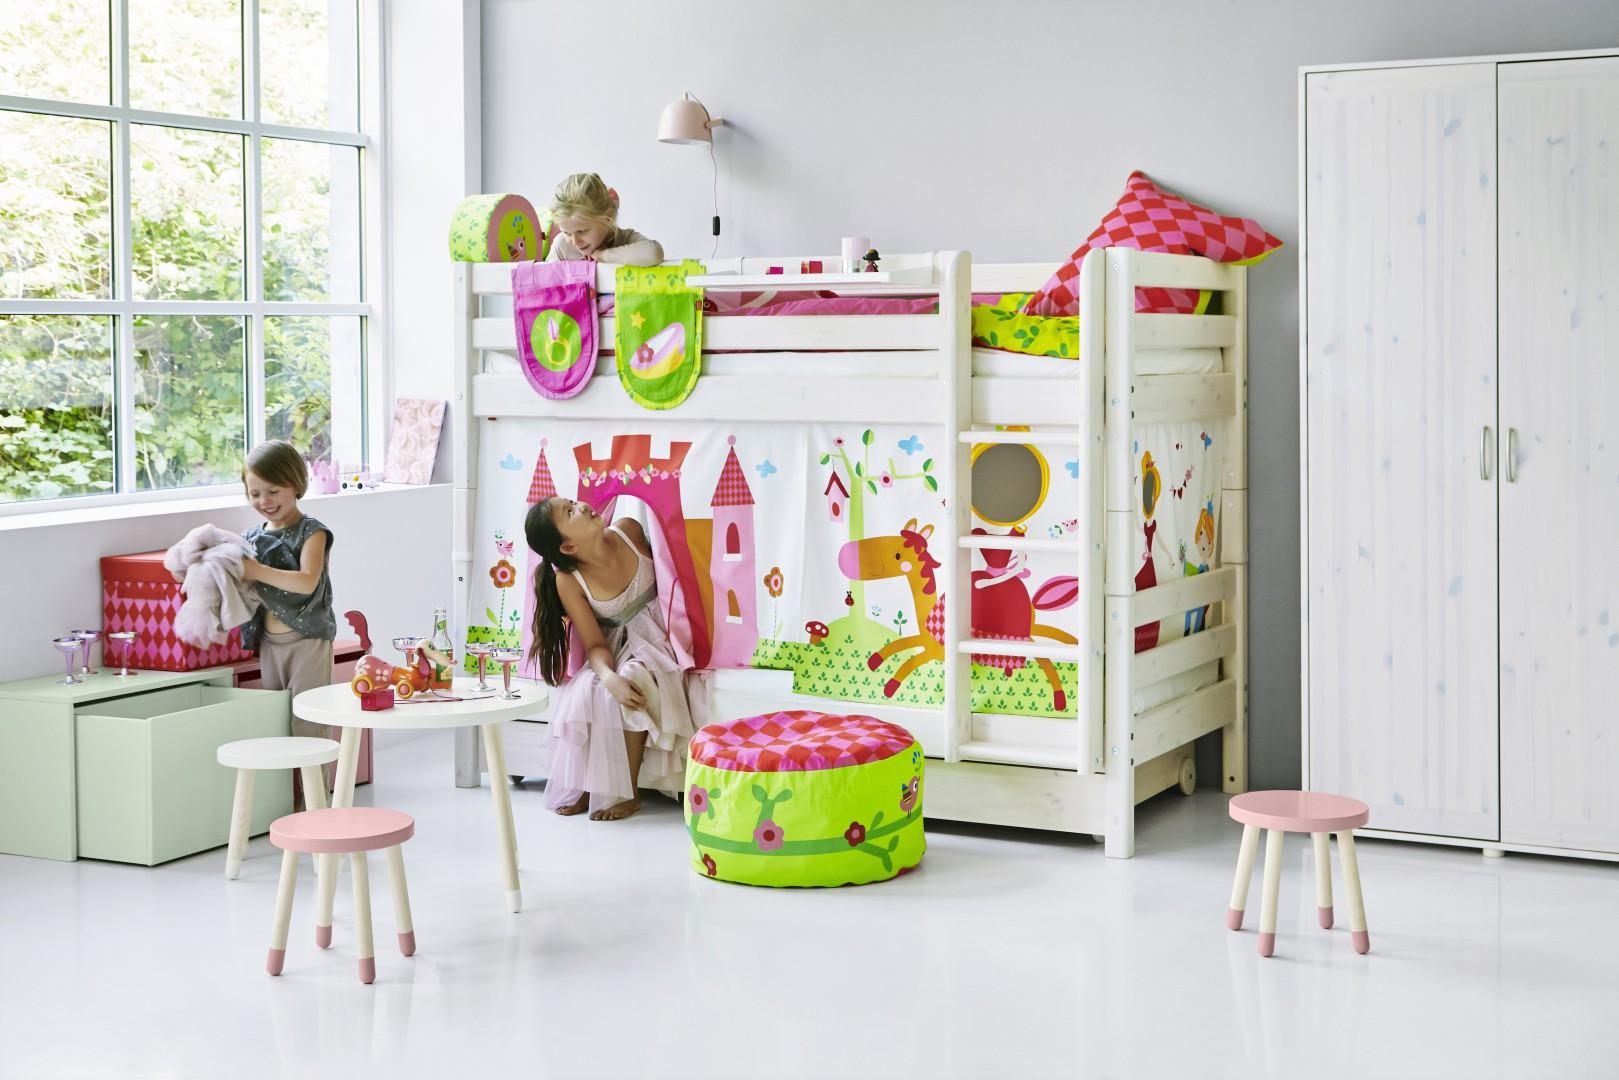 Piętrowe łóżko z ozdobnym pokrowcem sprawi, że pokój dziecka będzie prezentował się bajecznie. Fot. Flexa